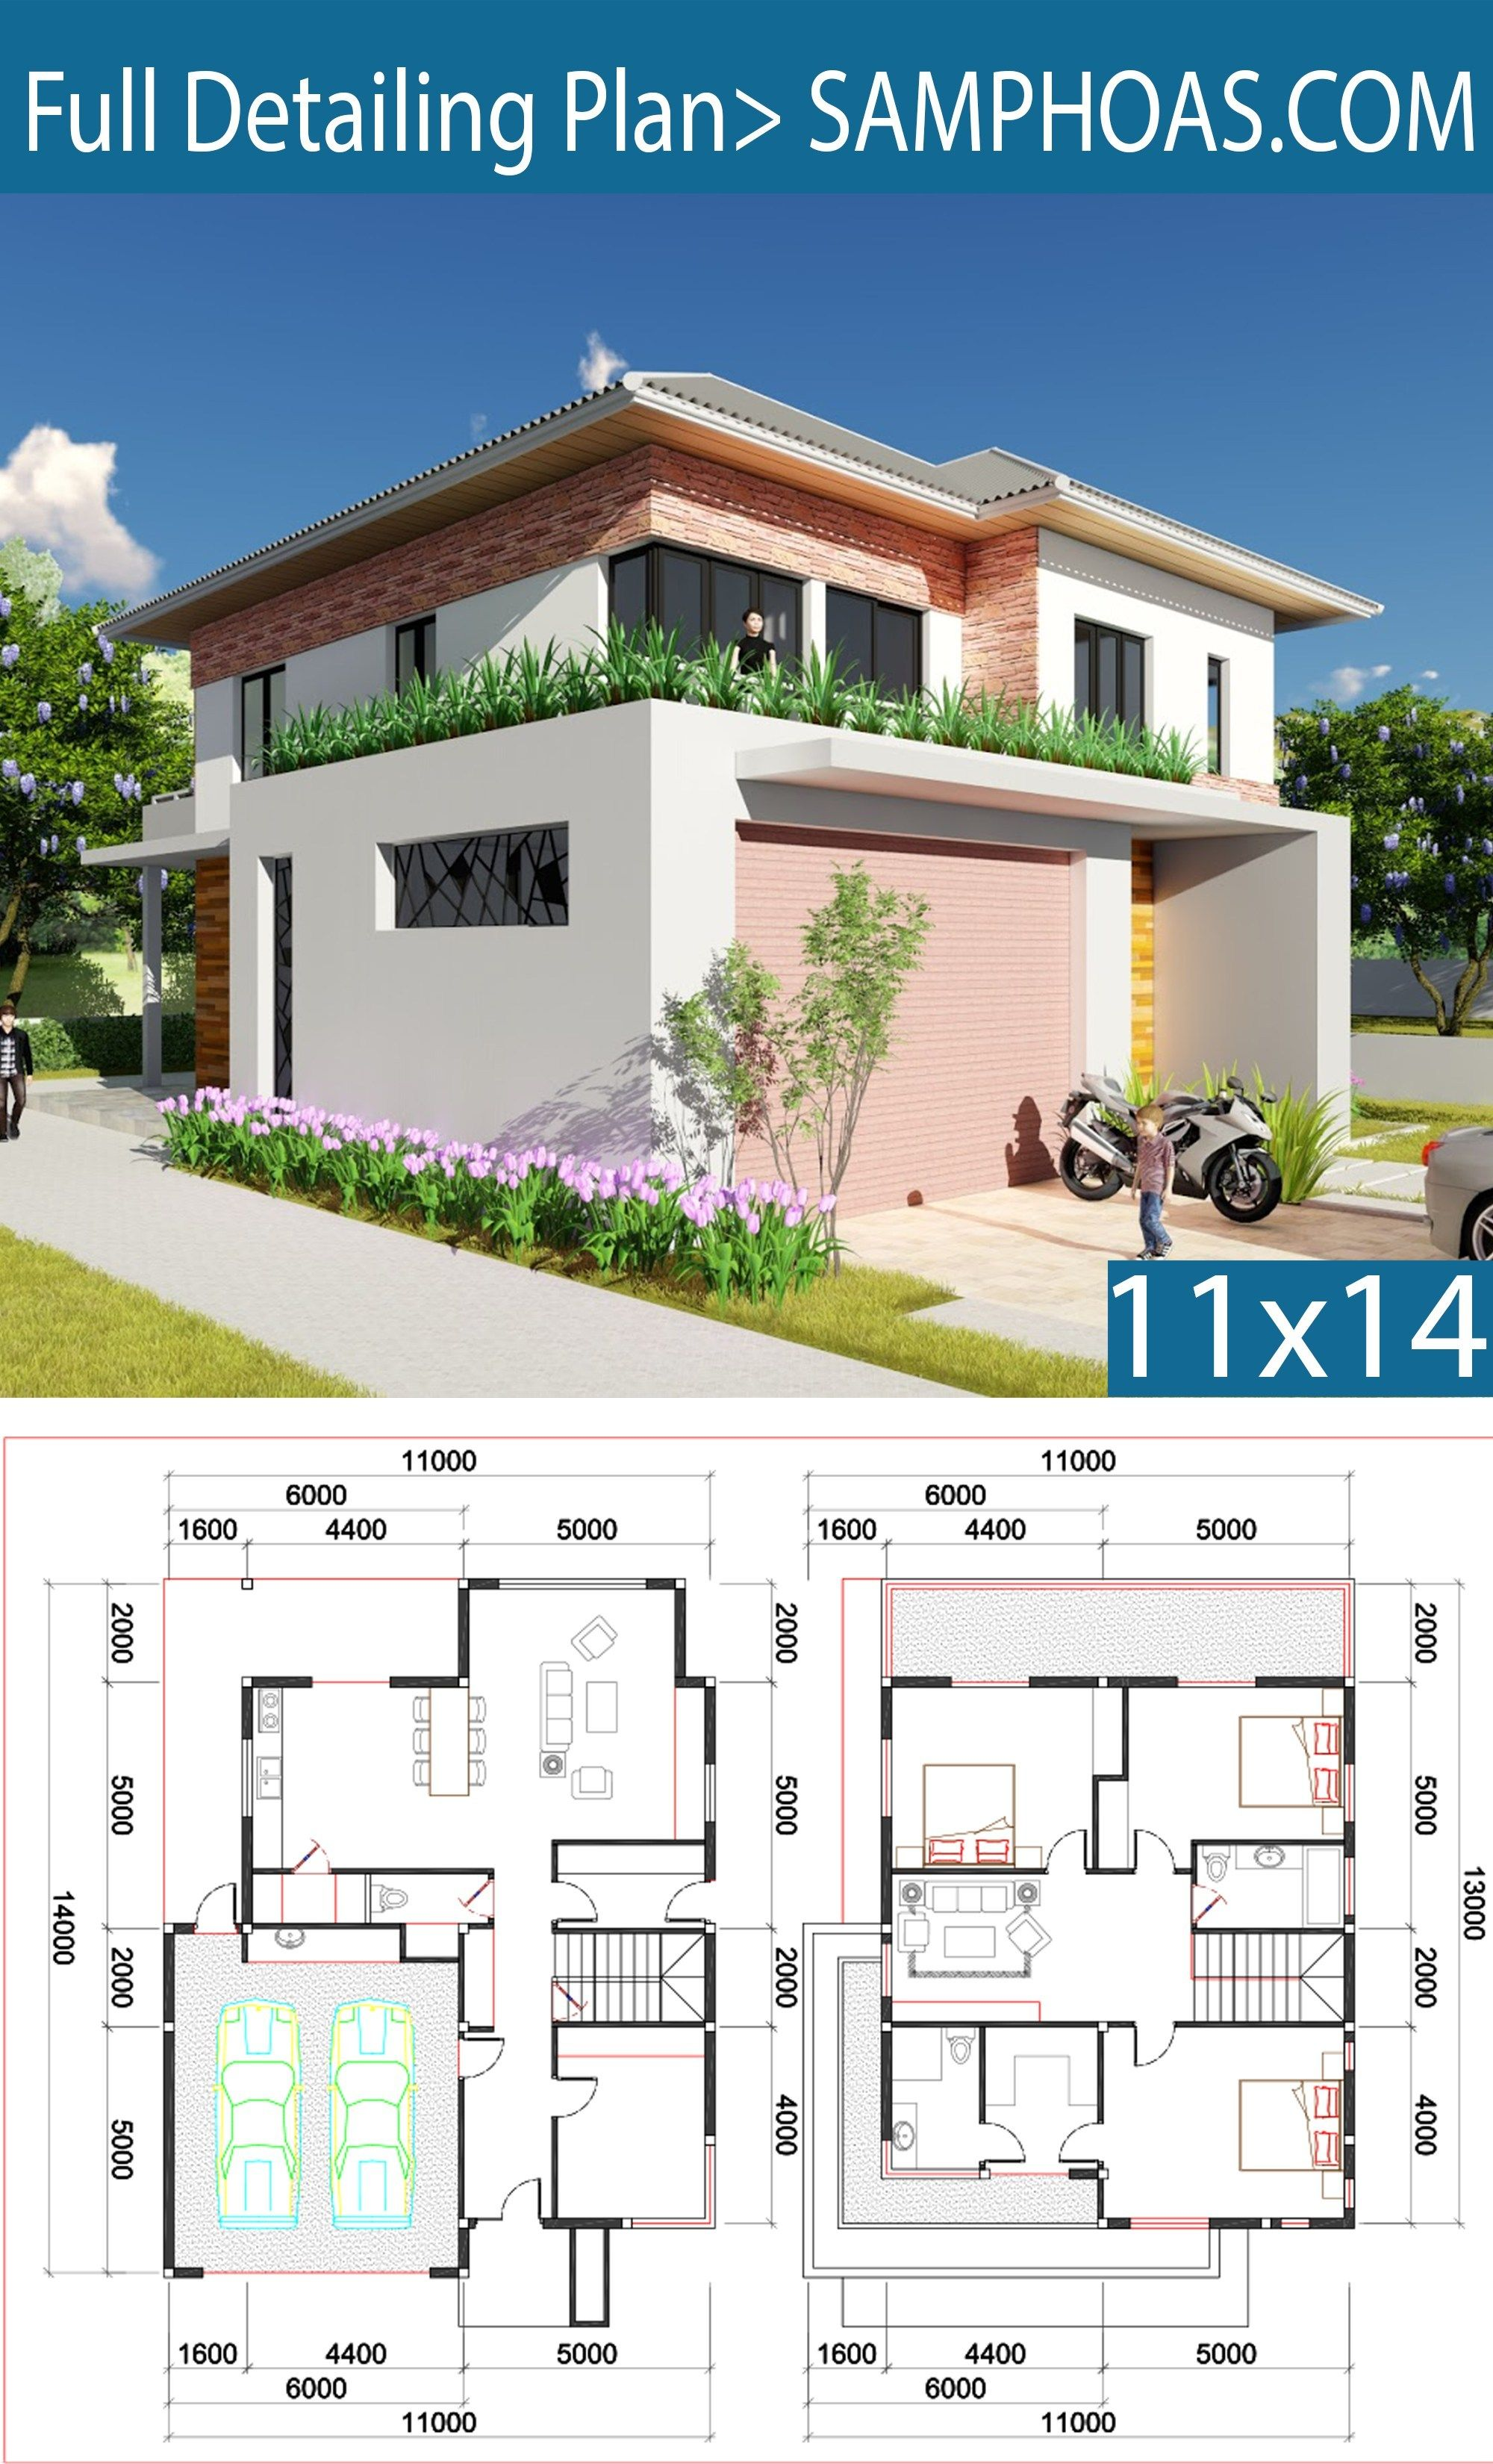 3 Bedroom Villa Design 11x13m Samphoas Plan Villa Design House Architecture Design Modern Villa Design